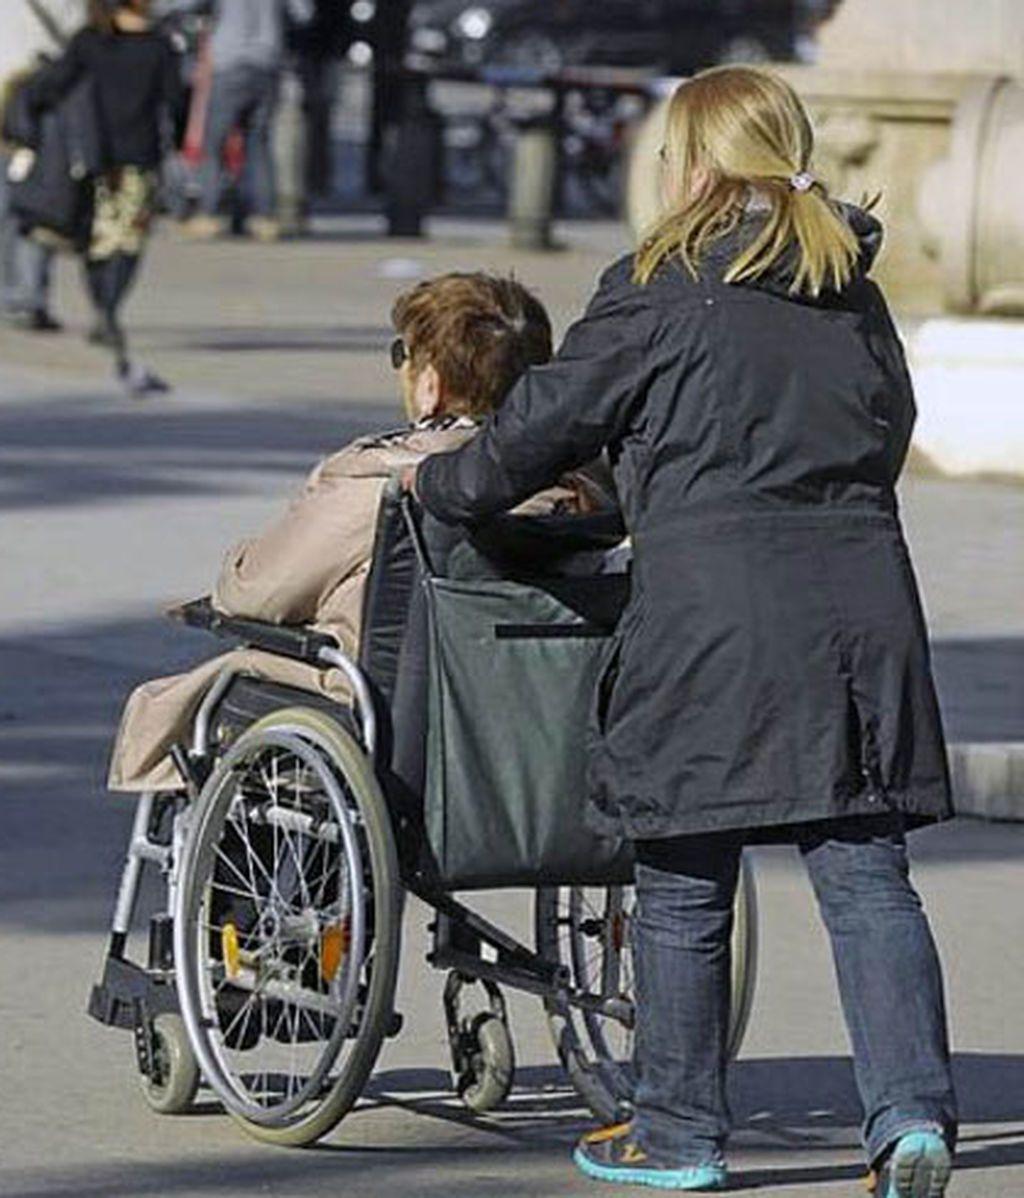 Casi 34.000 dependientes podrían morir este año sin recibir la prestación, según el Observatorio de la Dependencia